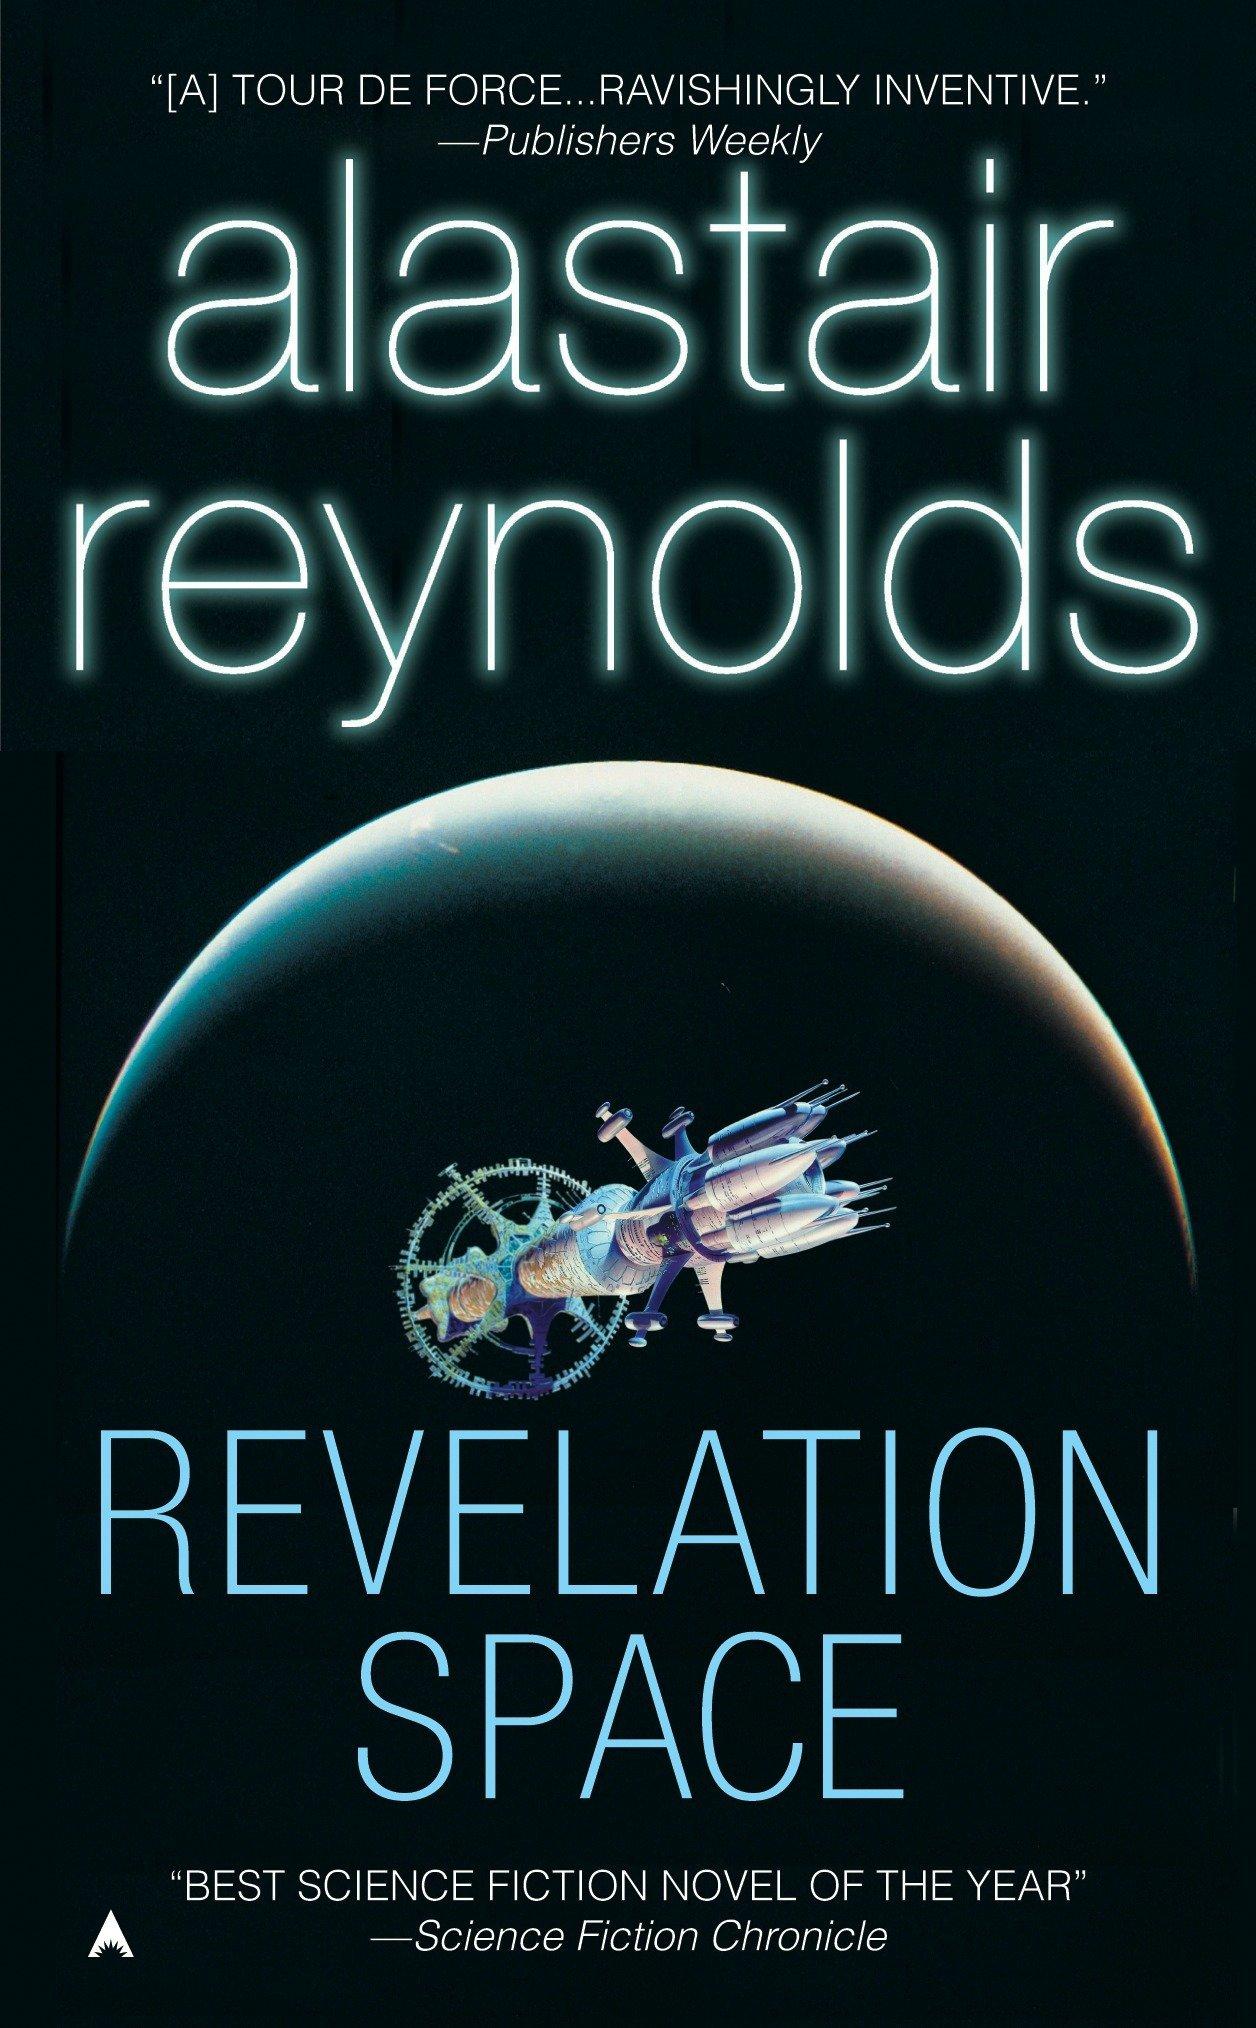 Аластер Рейнольдс пространство откровения revelation space обложка